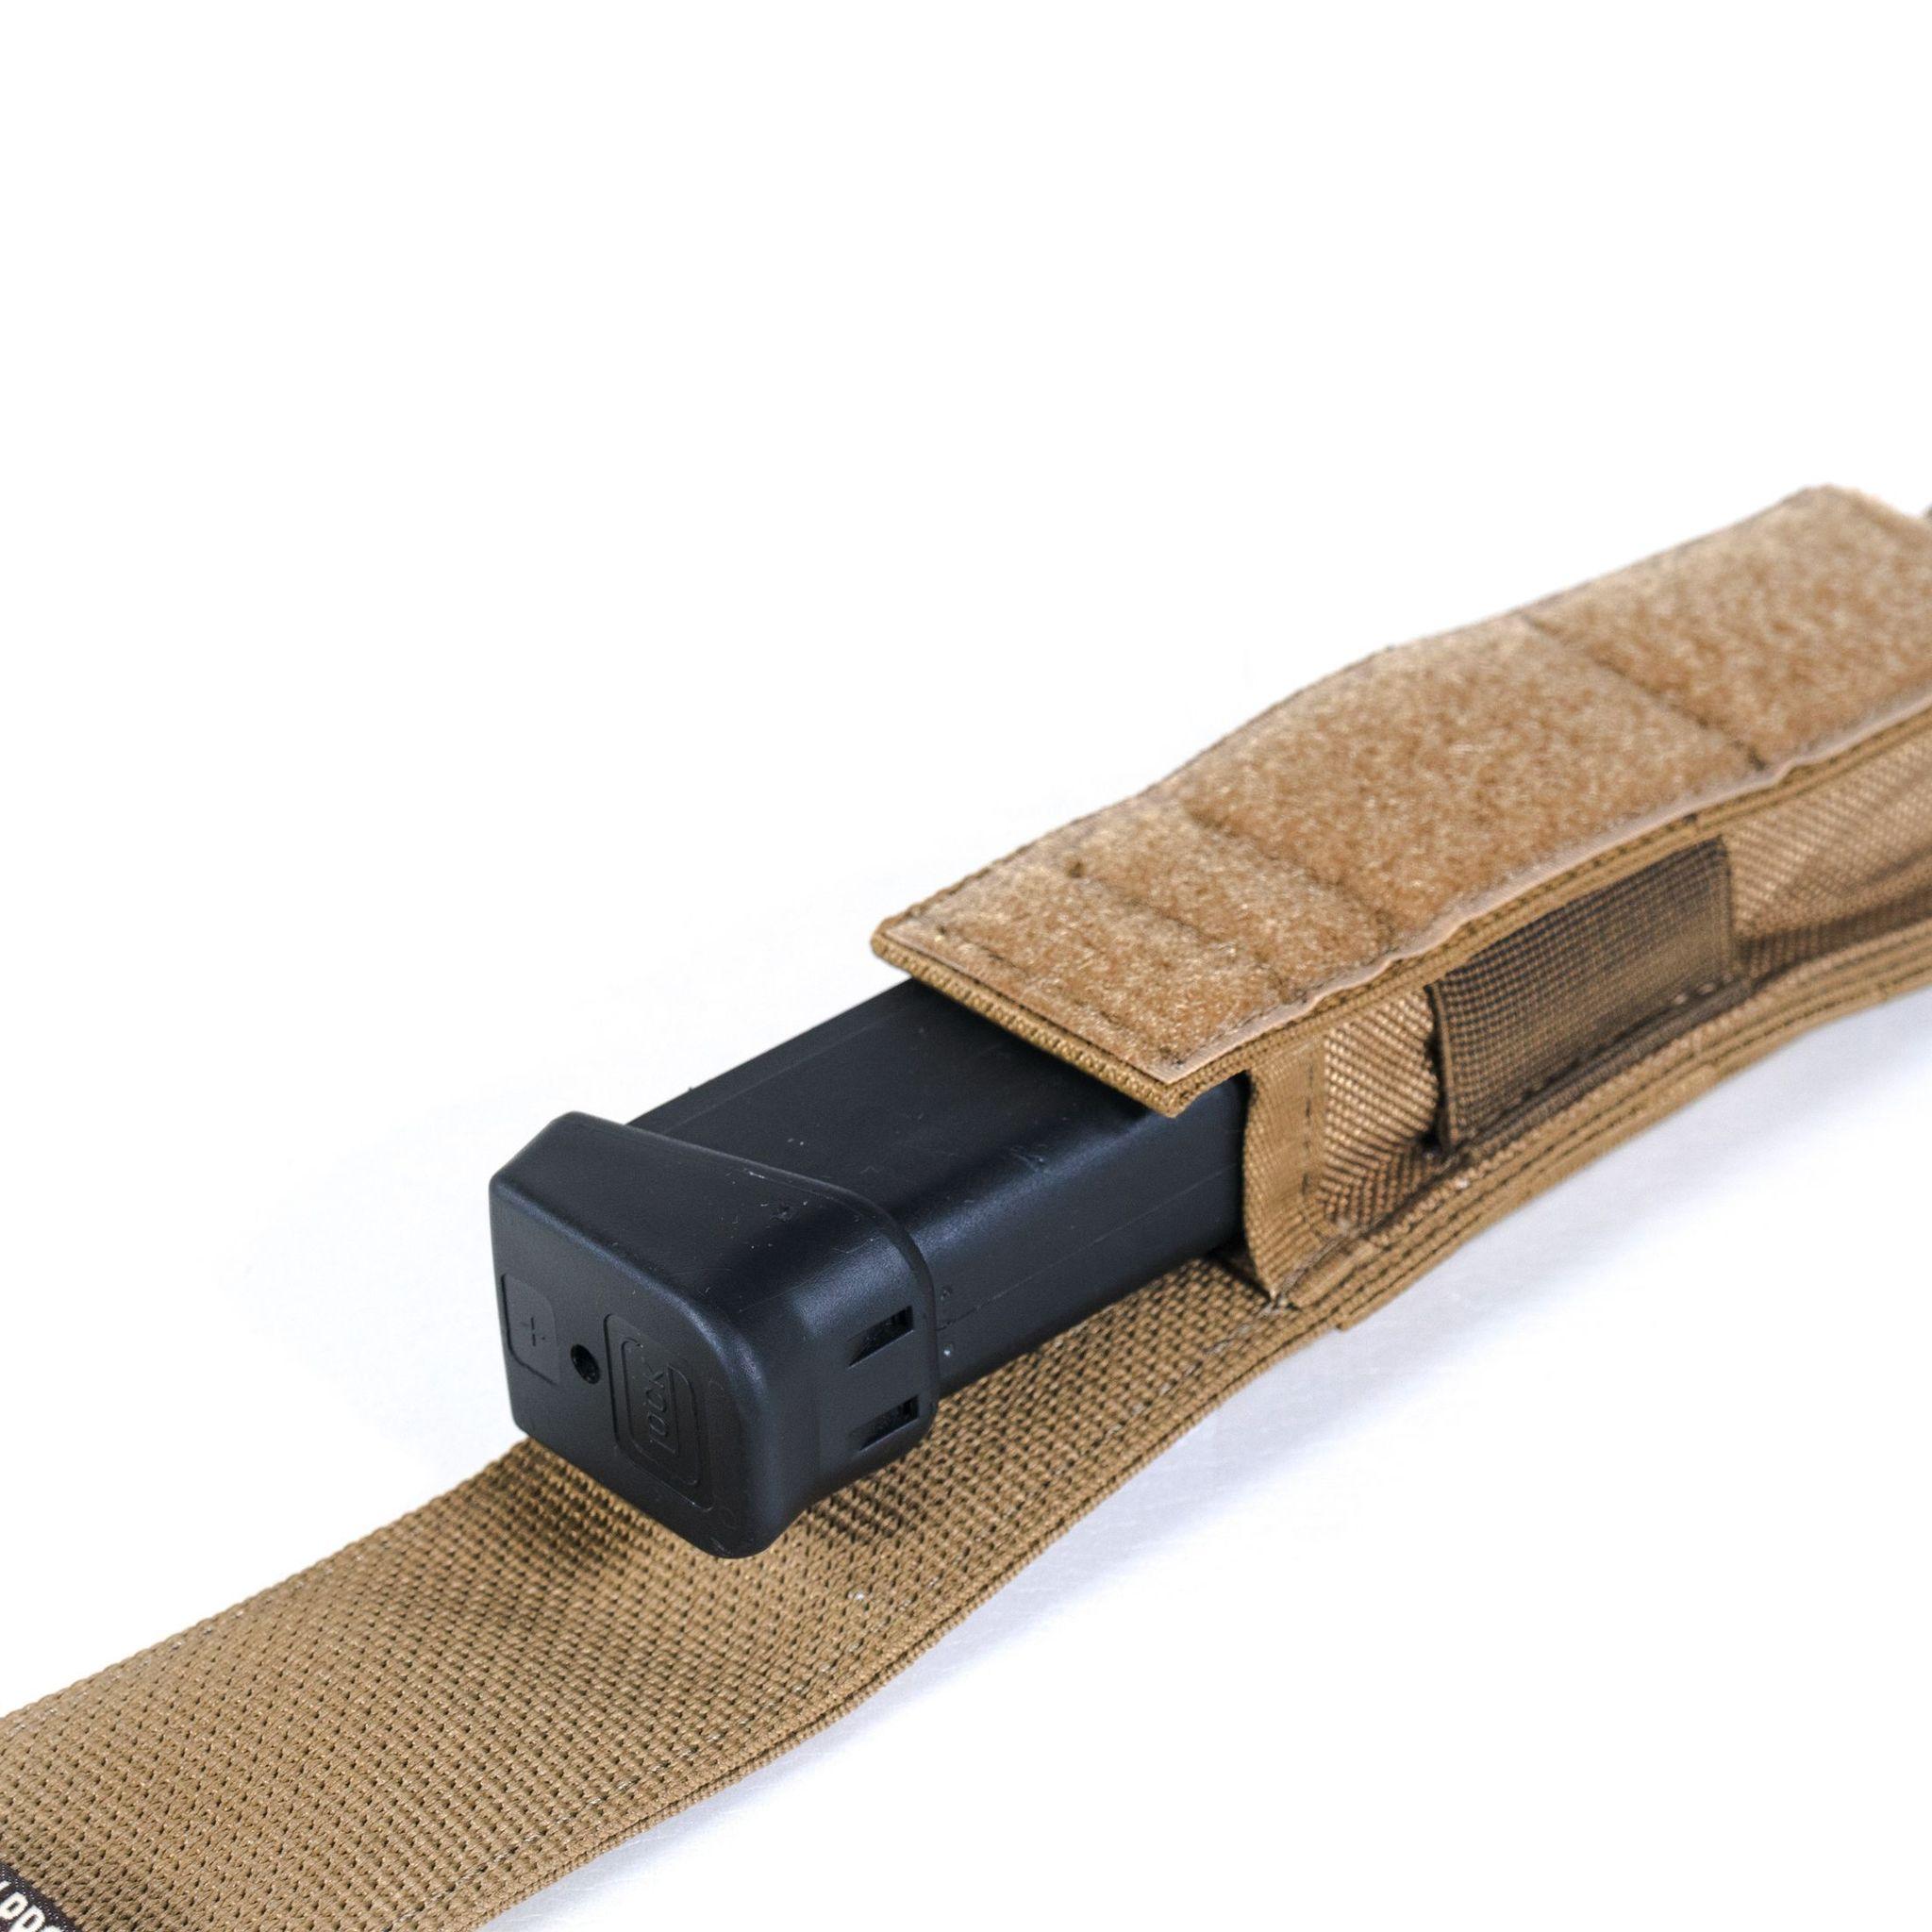 Подсумок под 30-зарядный магазин к пистолету-пулемету Стич Профи